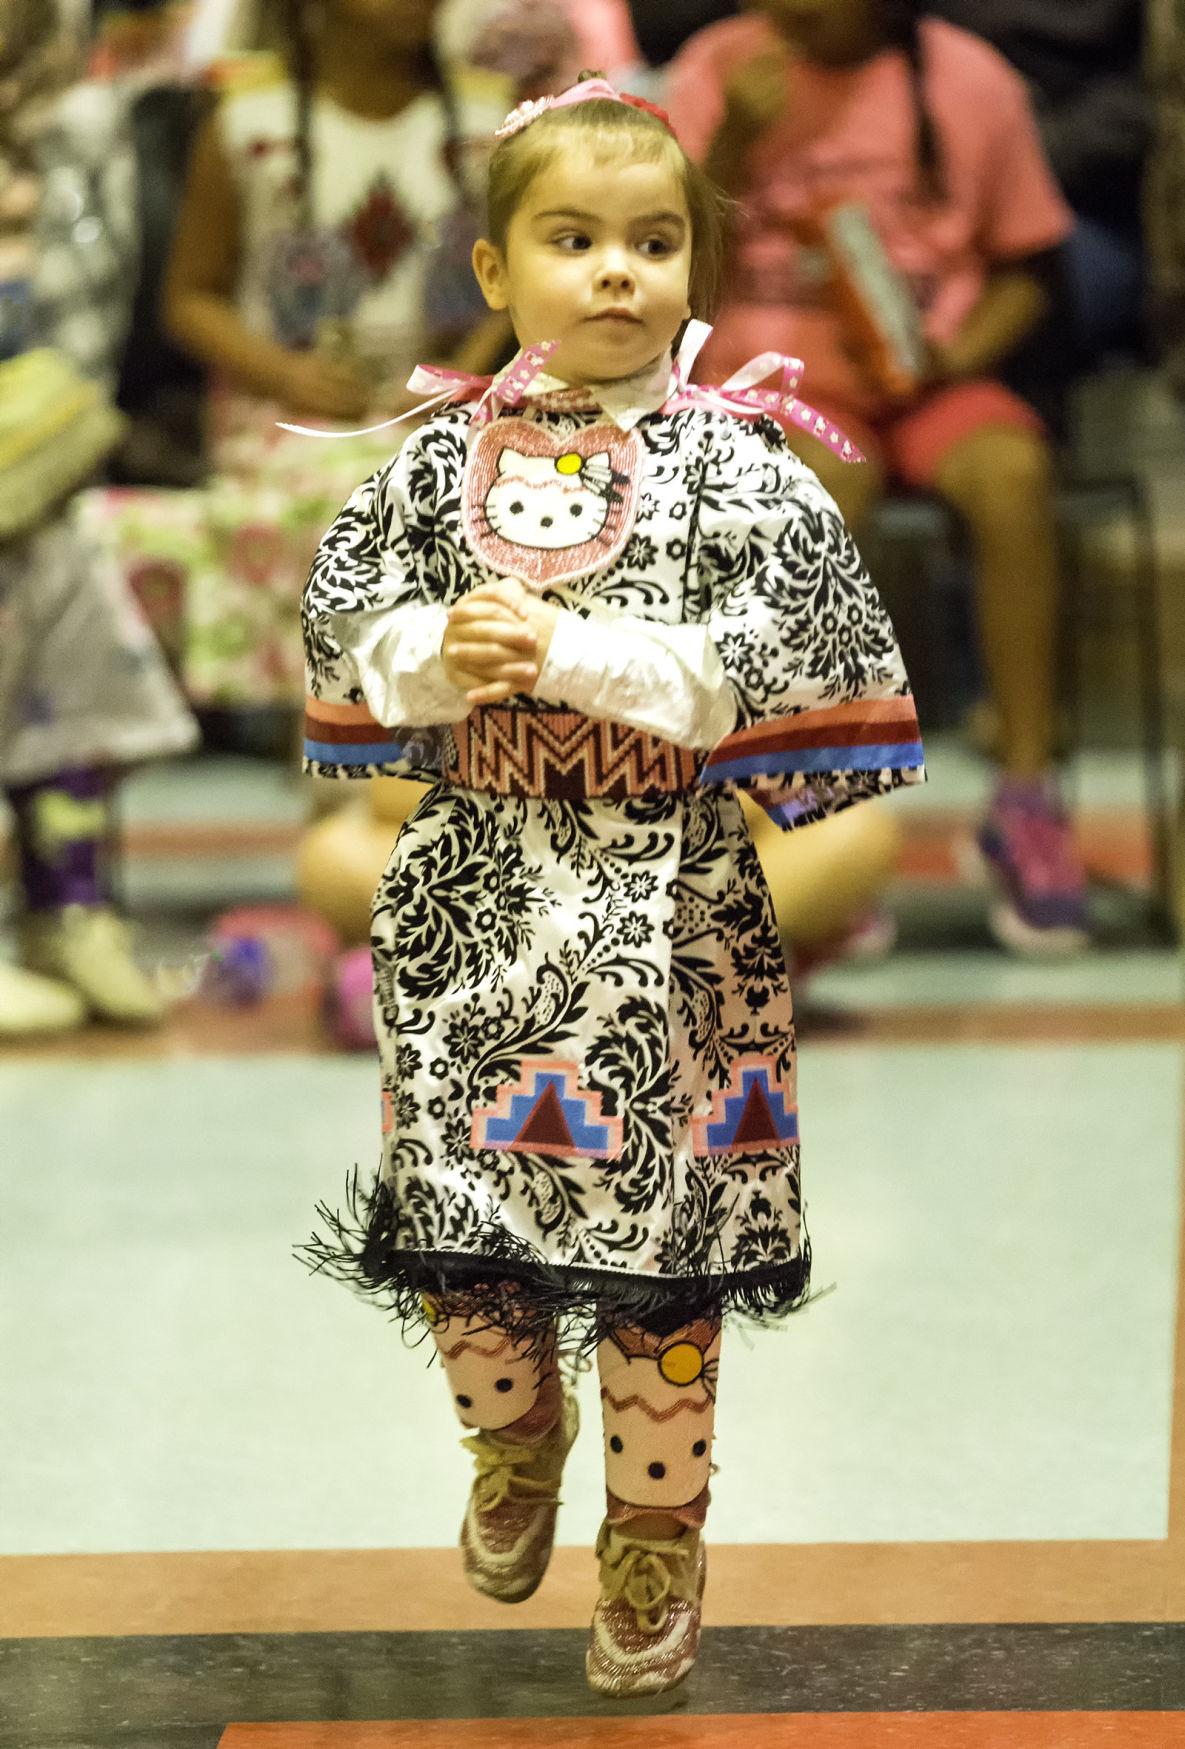 Pint-size powwow dancers find their rhythm